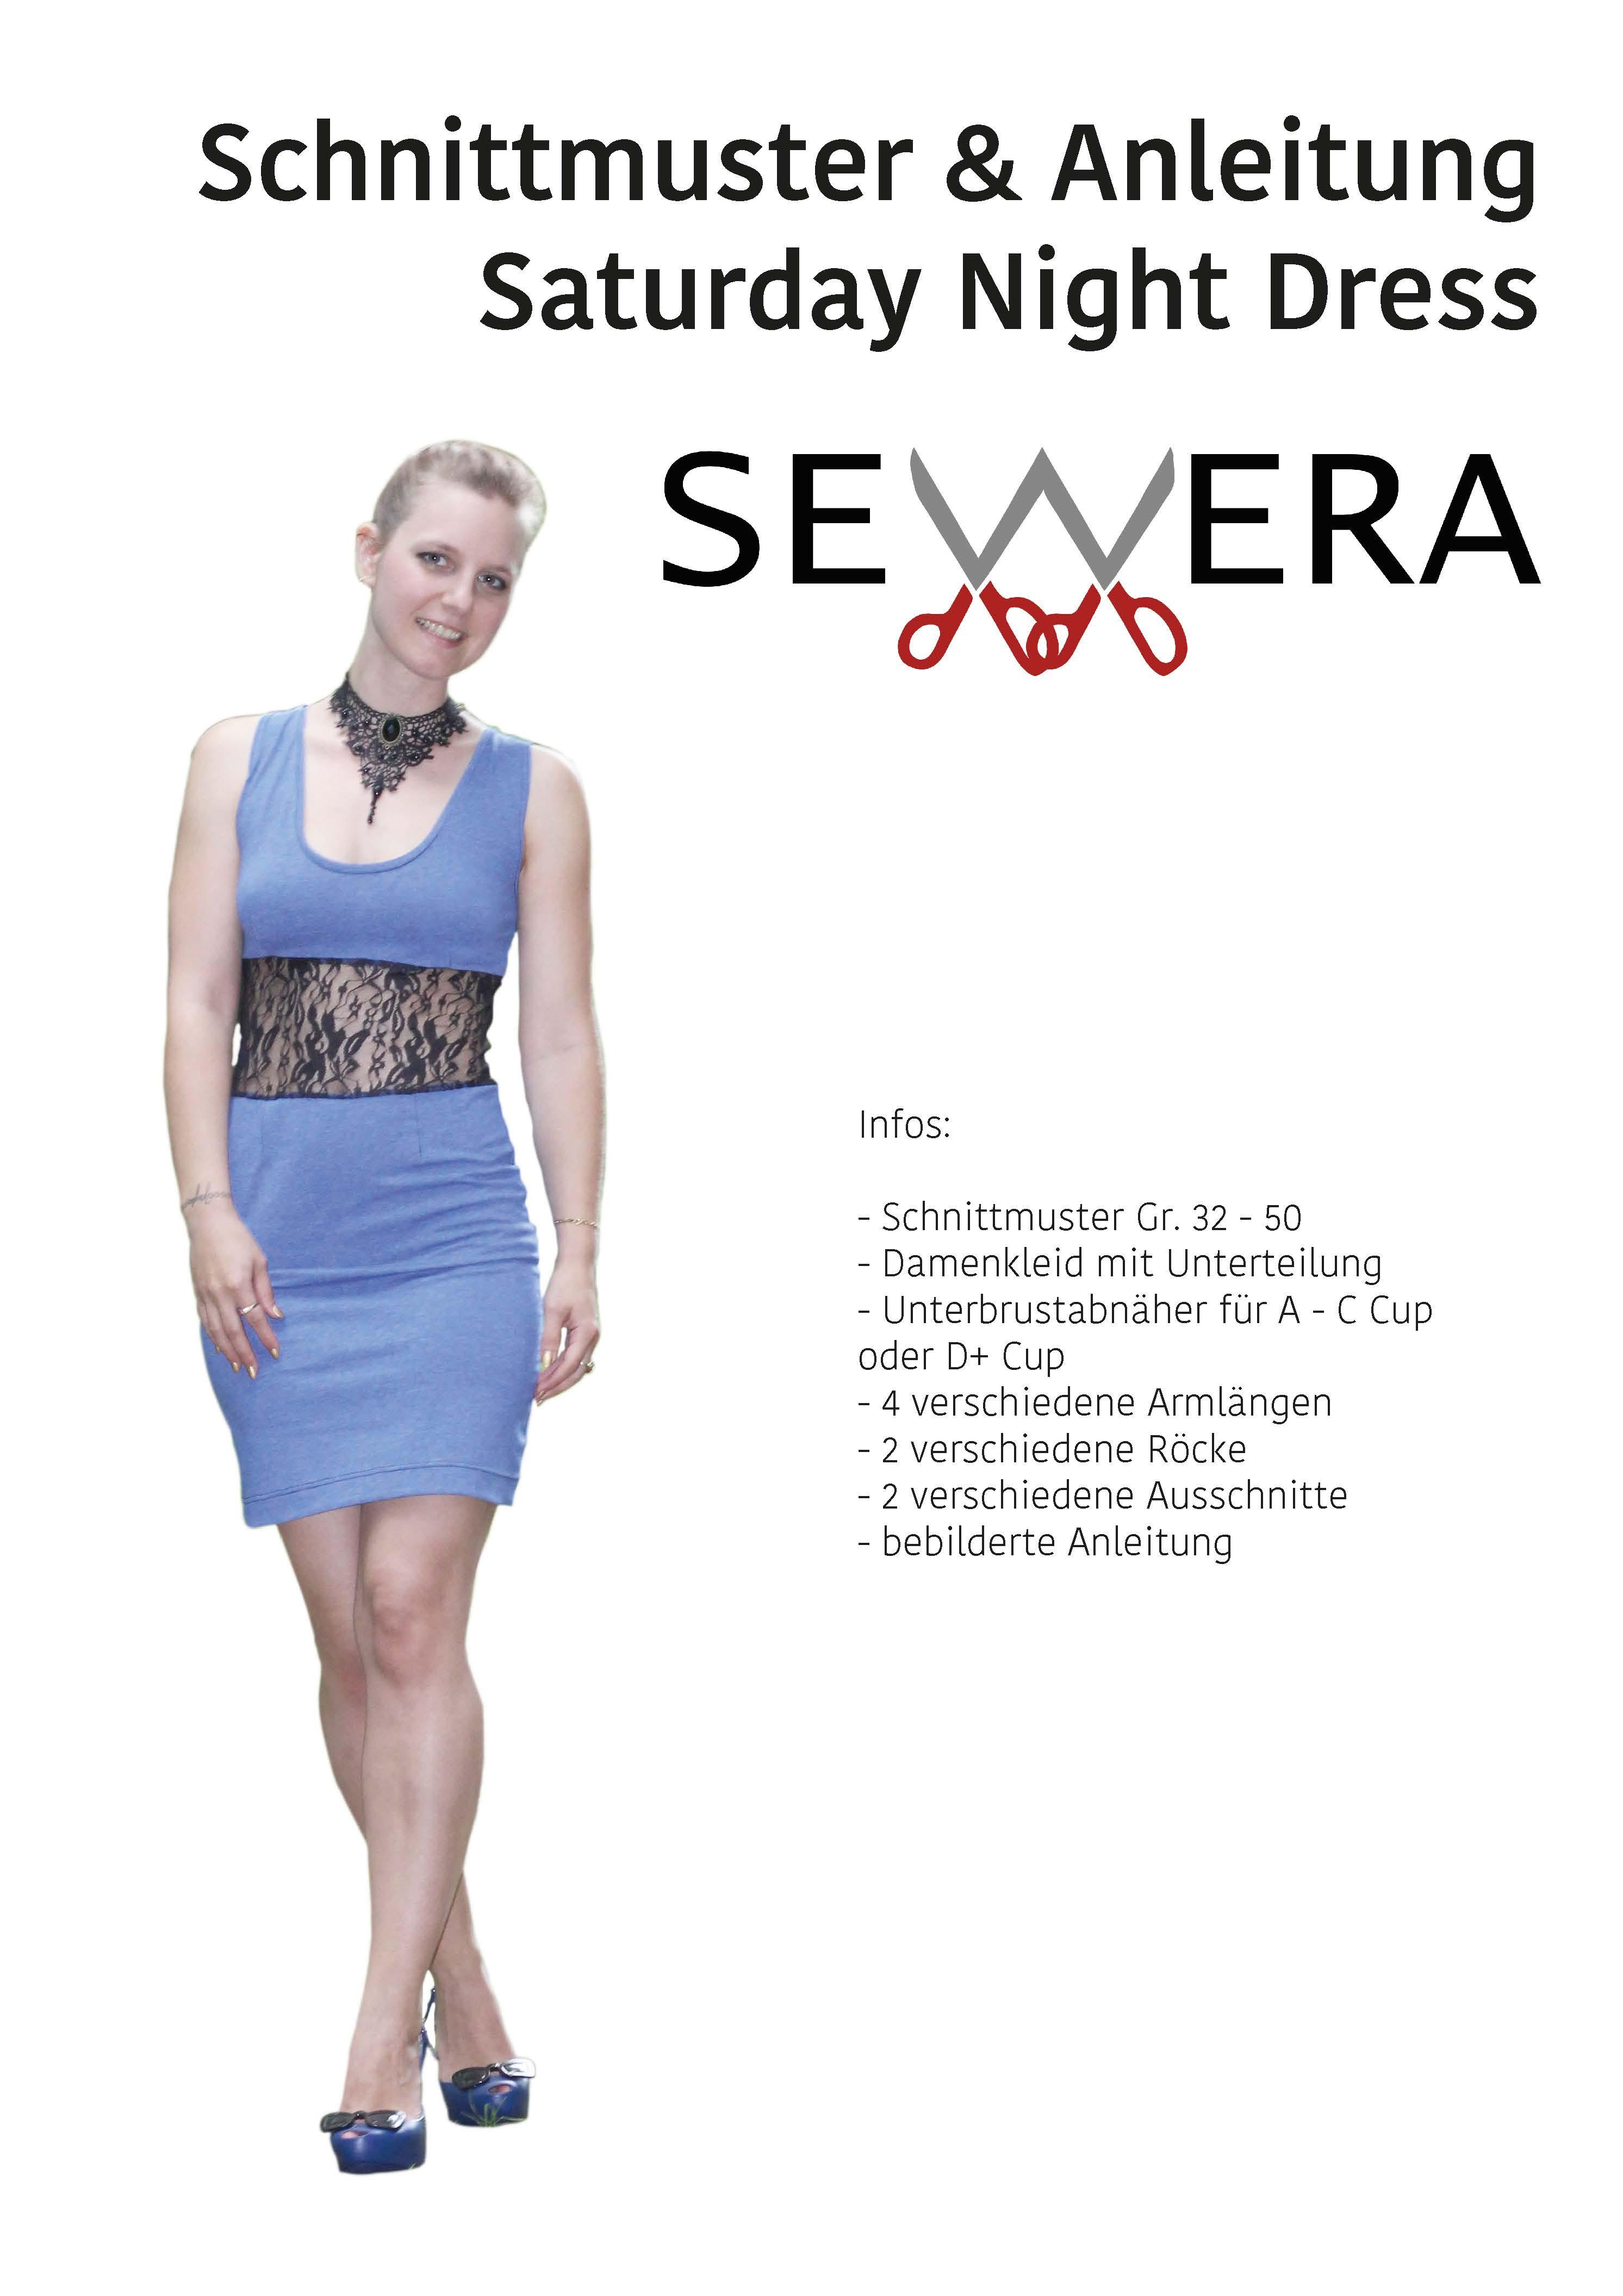 Saturday Night Dress Schnittmuster & Anleitung by Sewera - Sewera ...